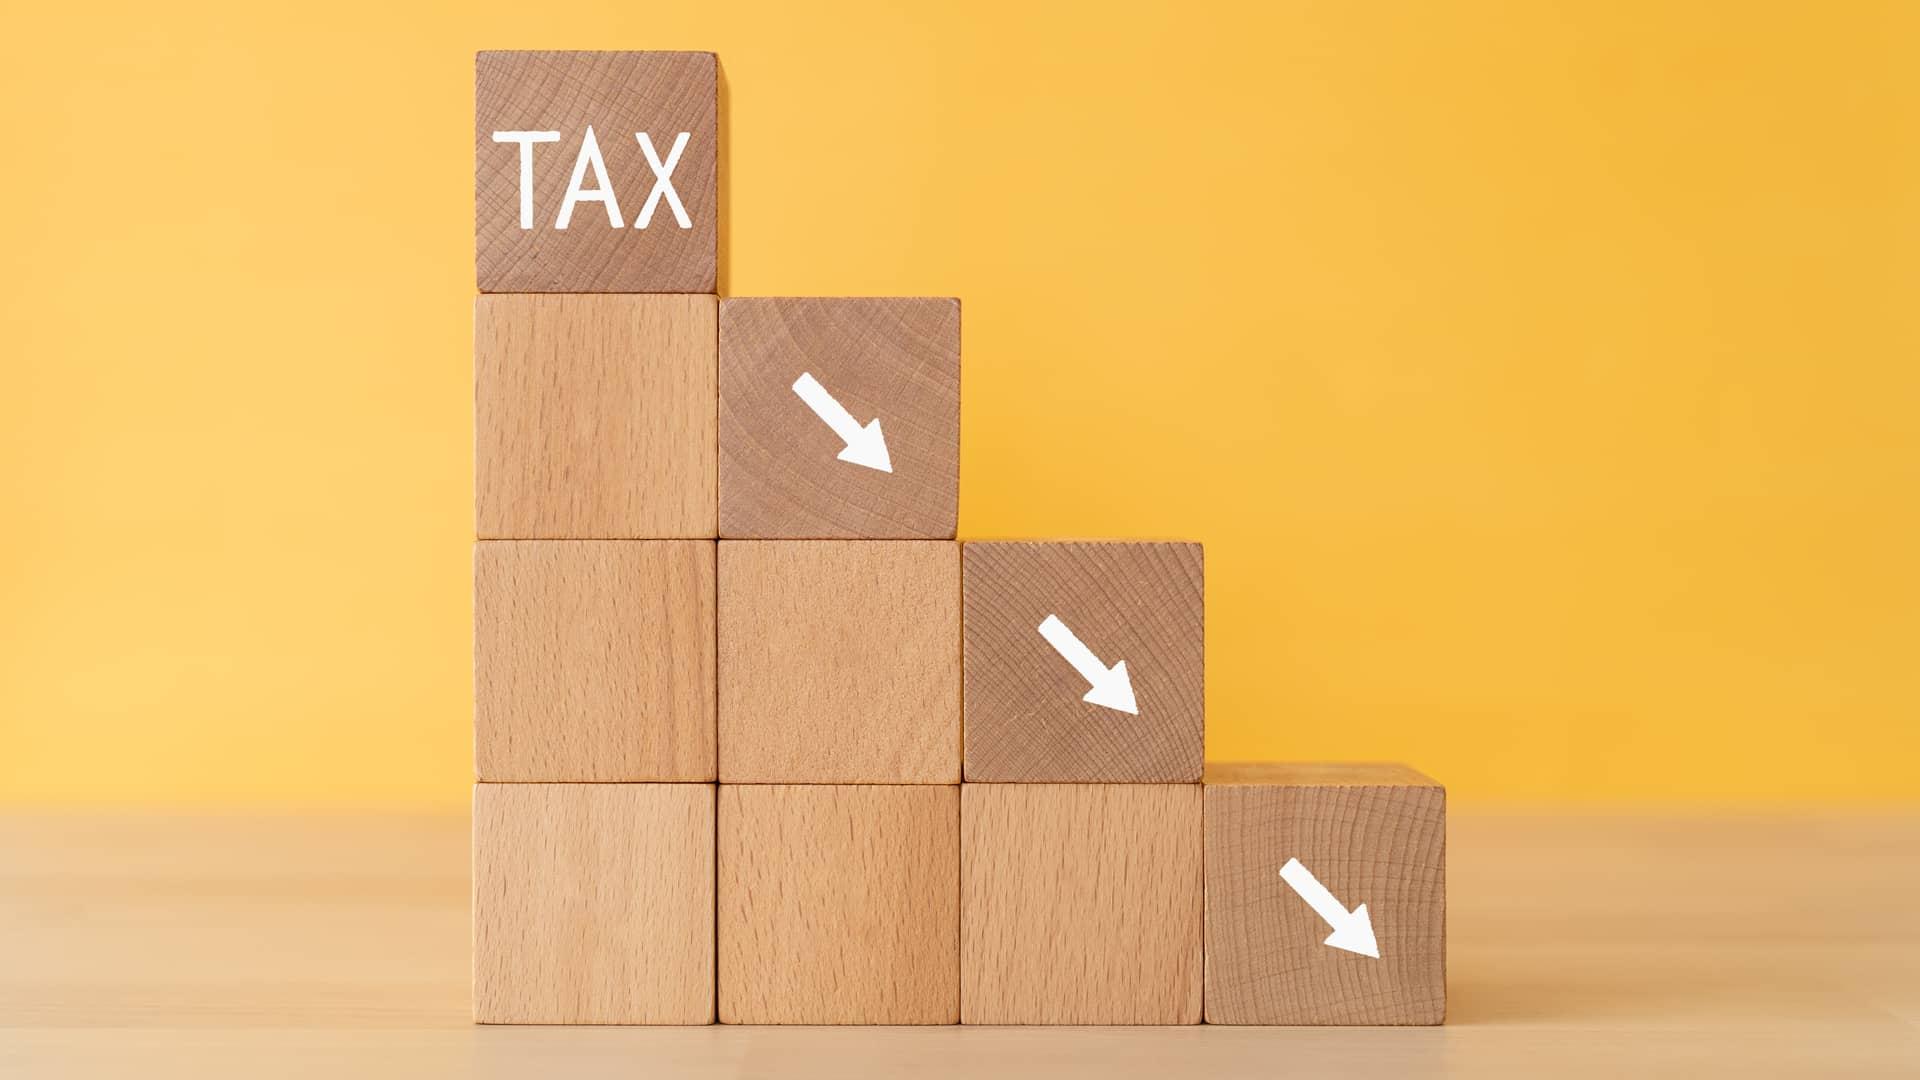 Taxdown: qué es, cómo funciona y opiniones